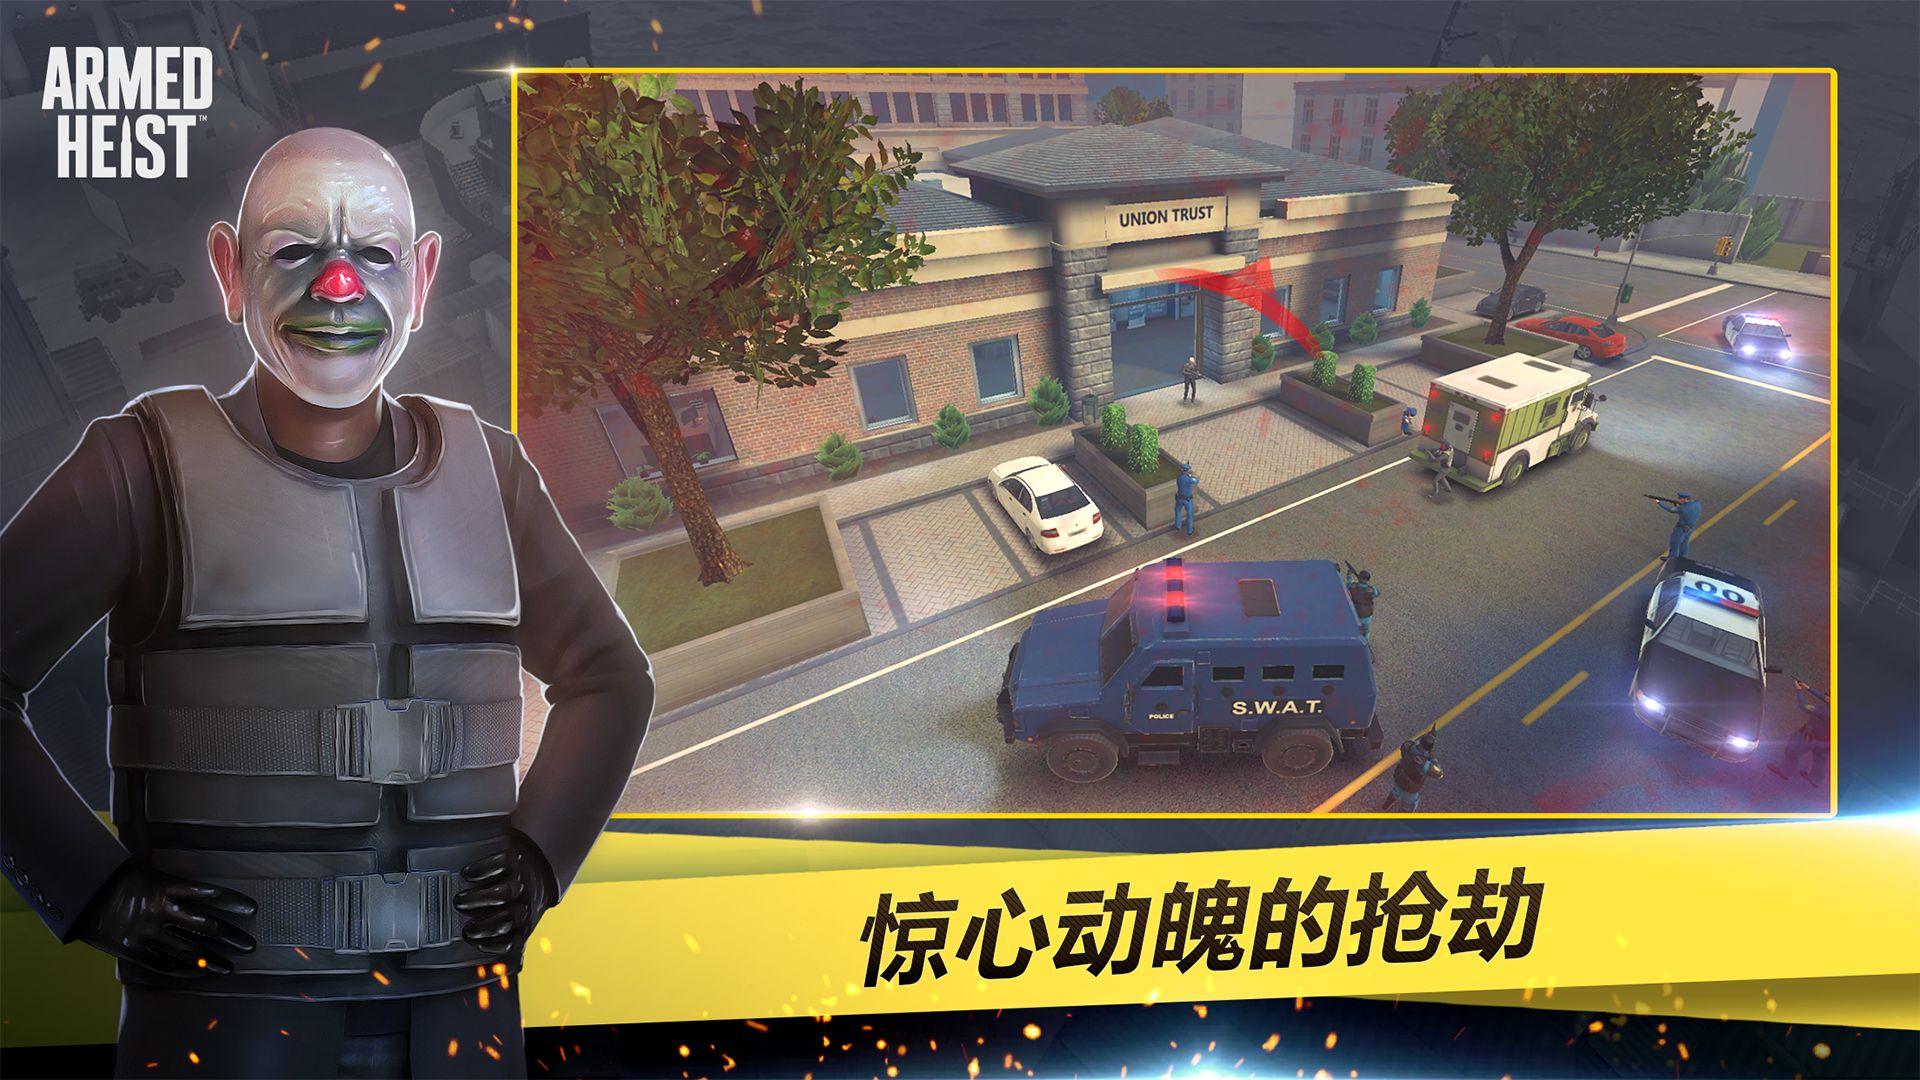 武装掠夺 游戏截图1